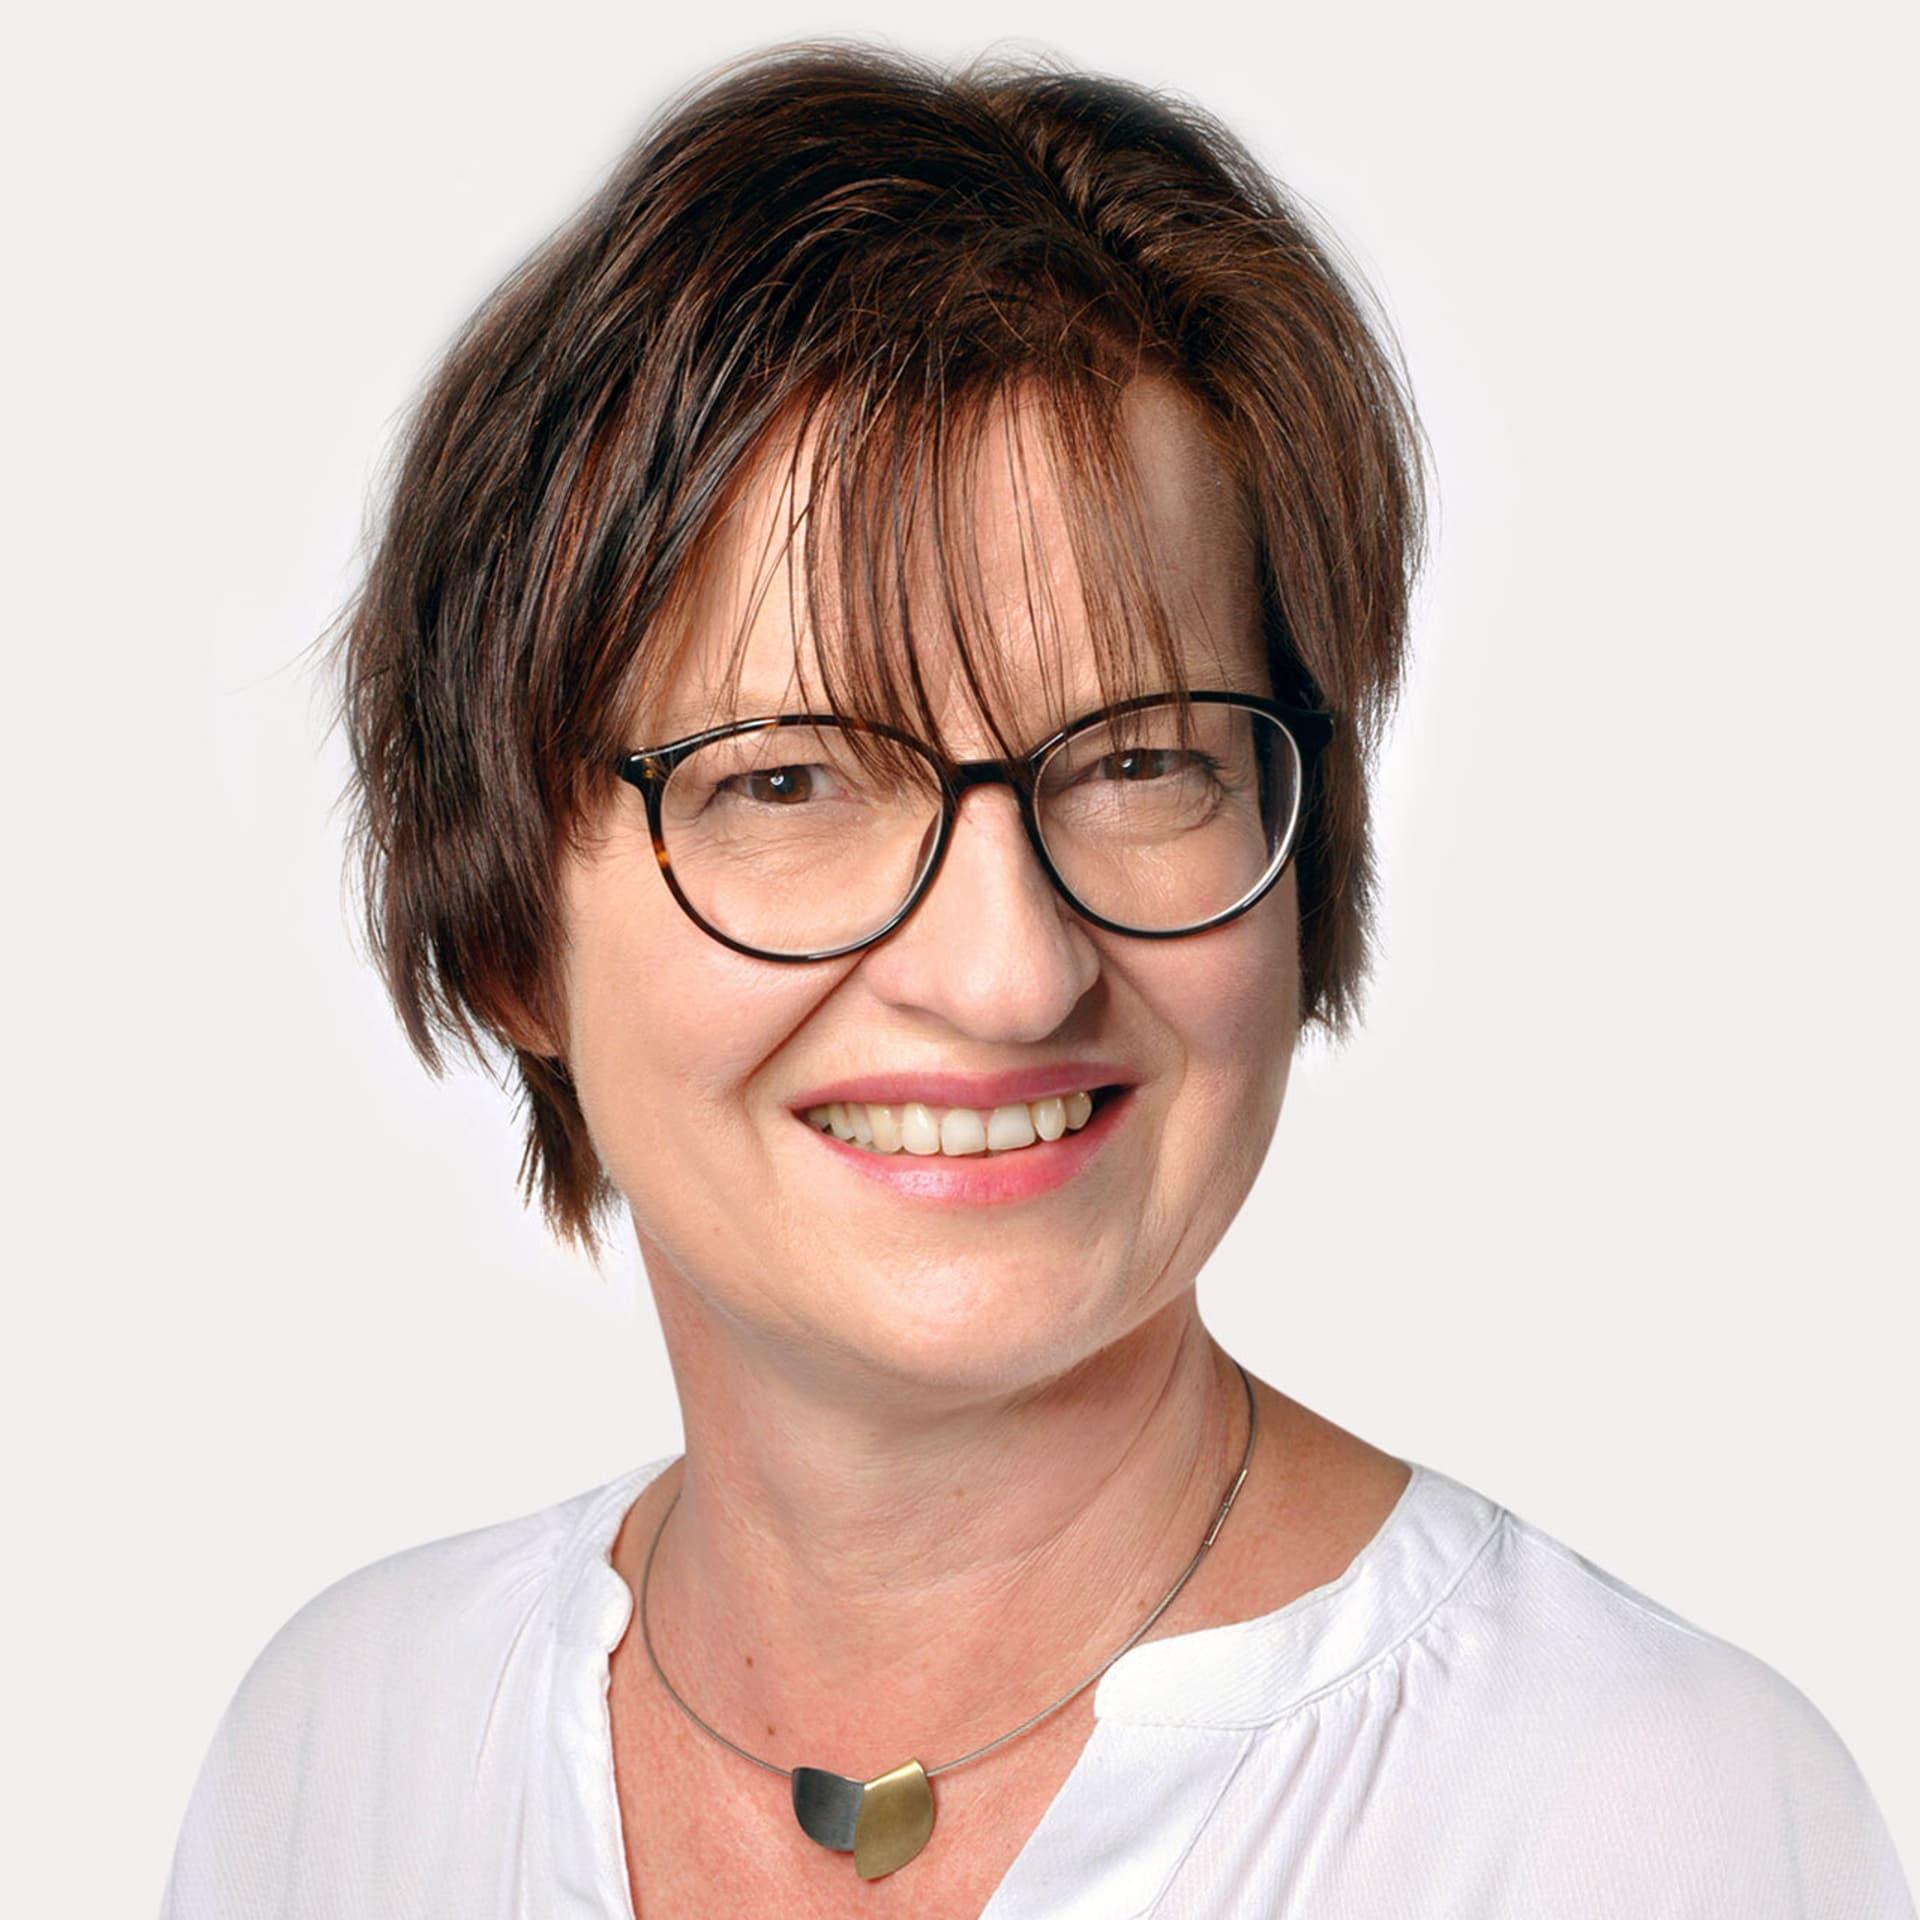 Marion Morgner